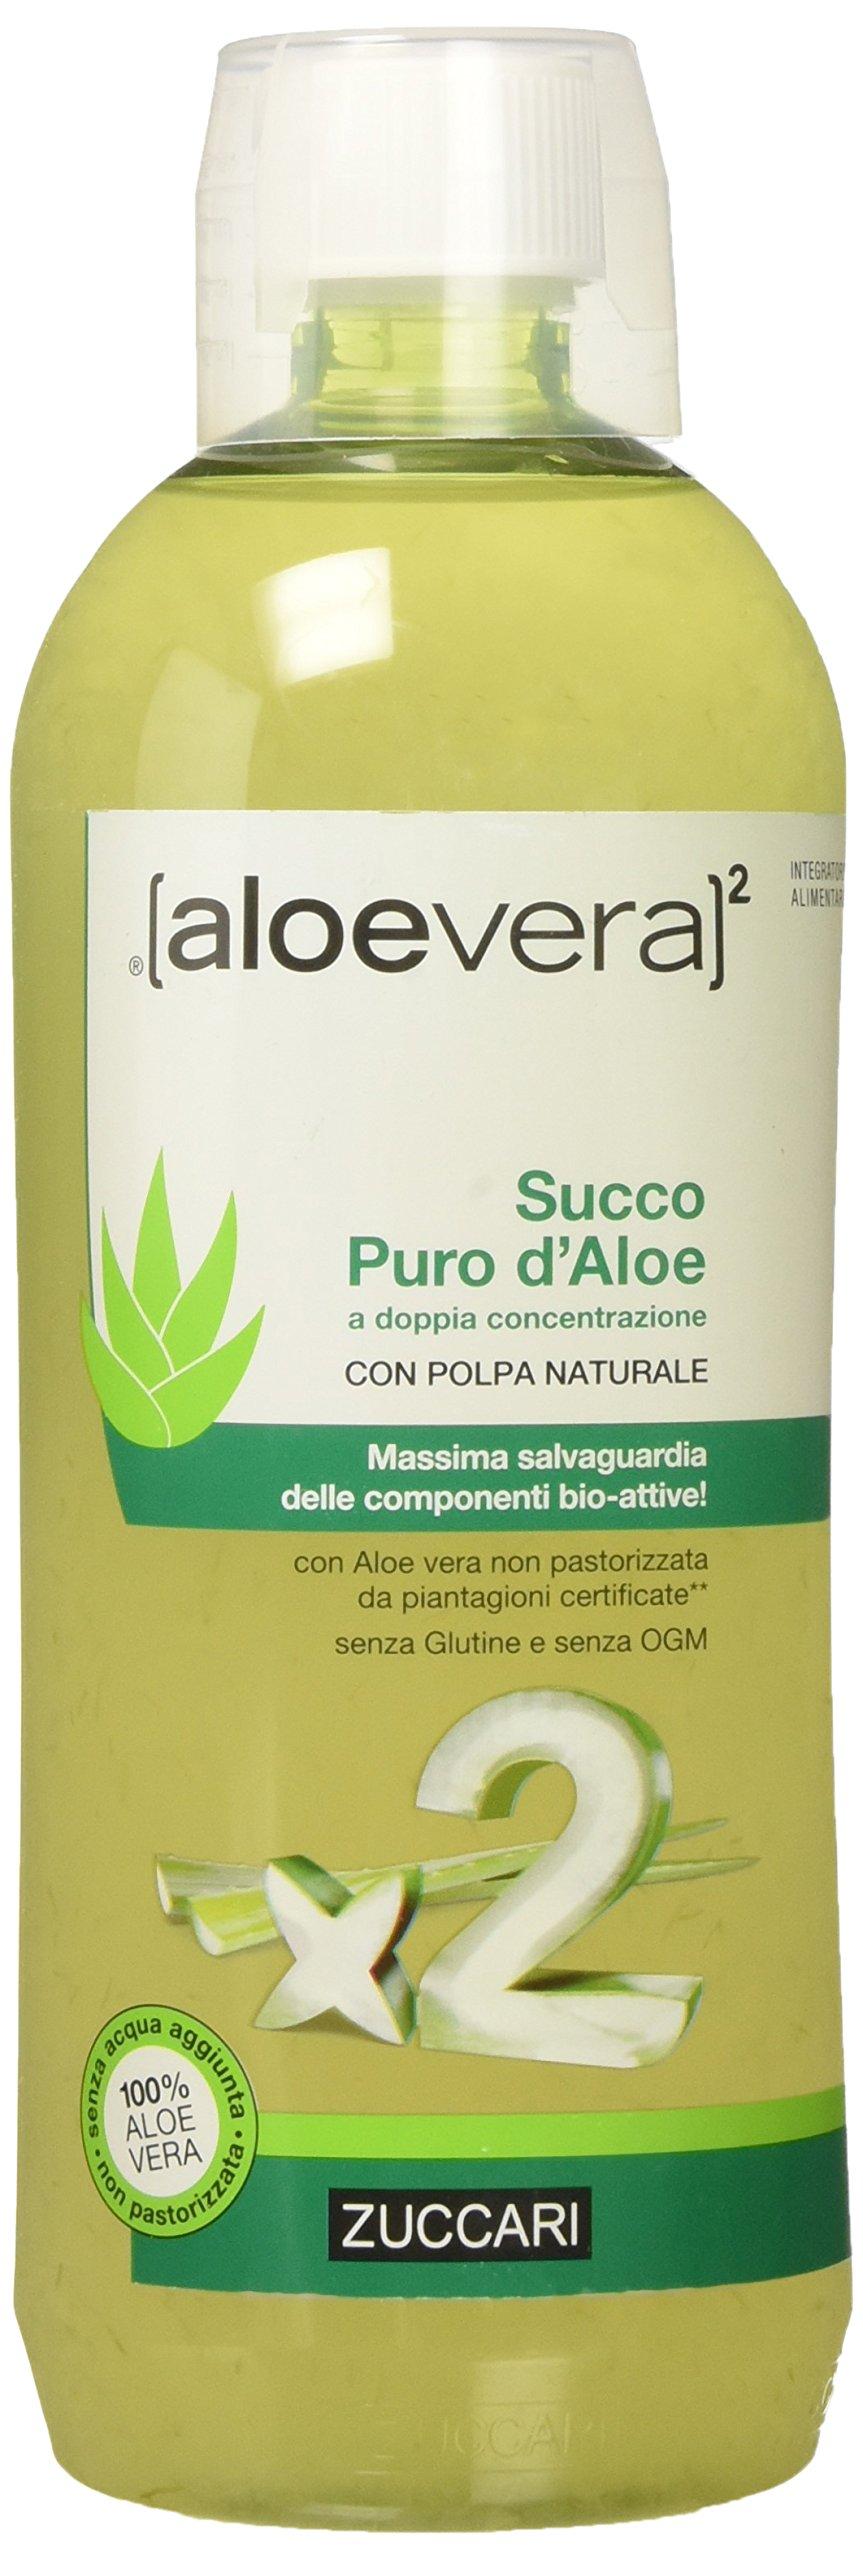 Zuccari Aloevera 2 Succo Puro d'Aloe, 1000 ml 1 spesavip